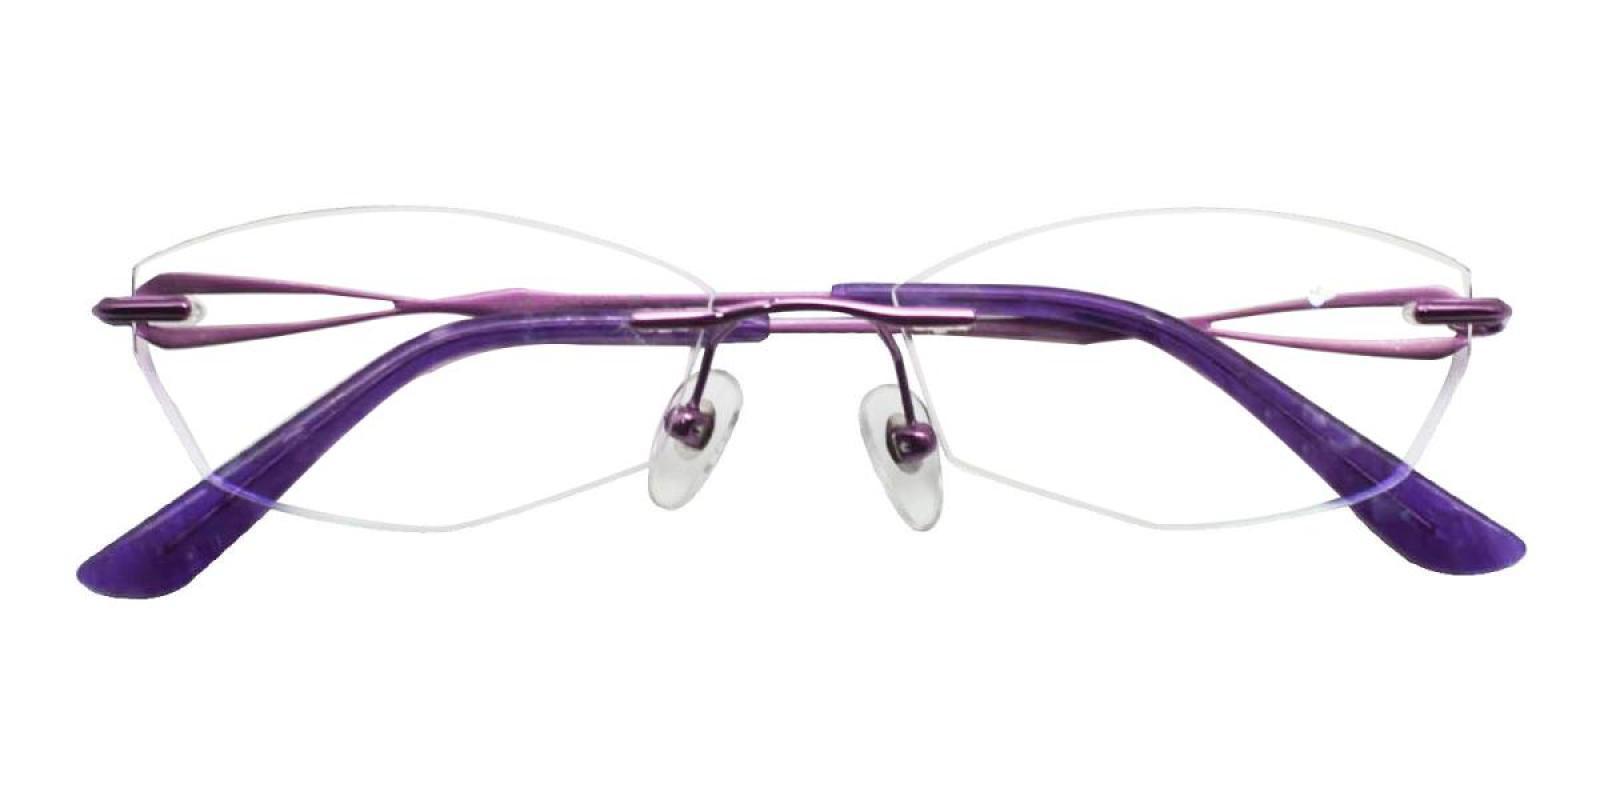 Pininic-Purple-Varieties-Titanium-Eyeglasses-detail